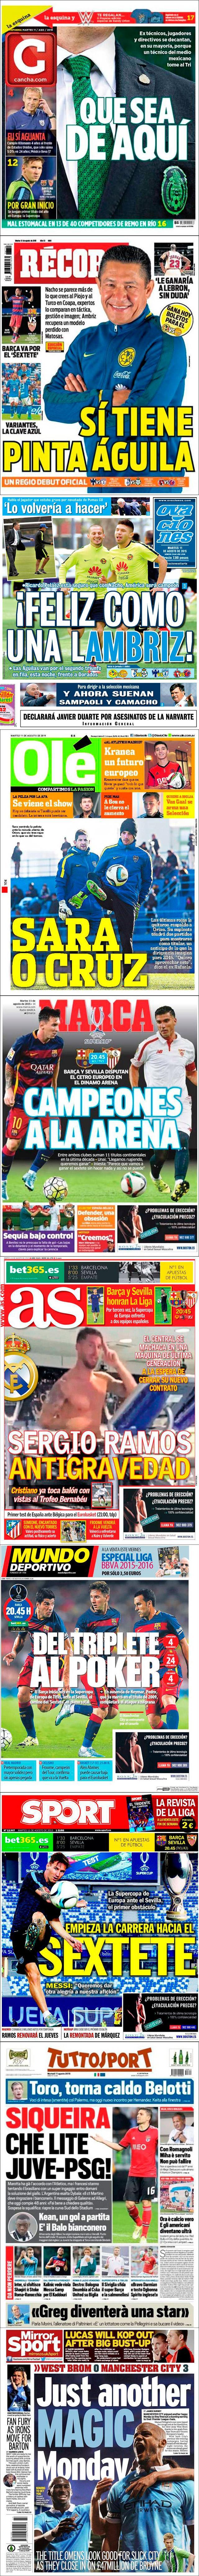 La prensa deportiva más importante del martes 11 de agosto de 2015.